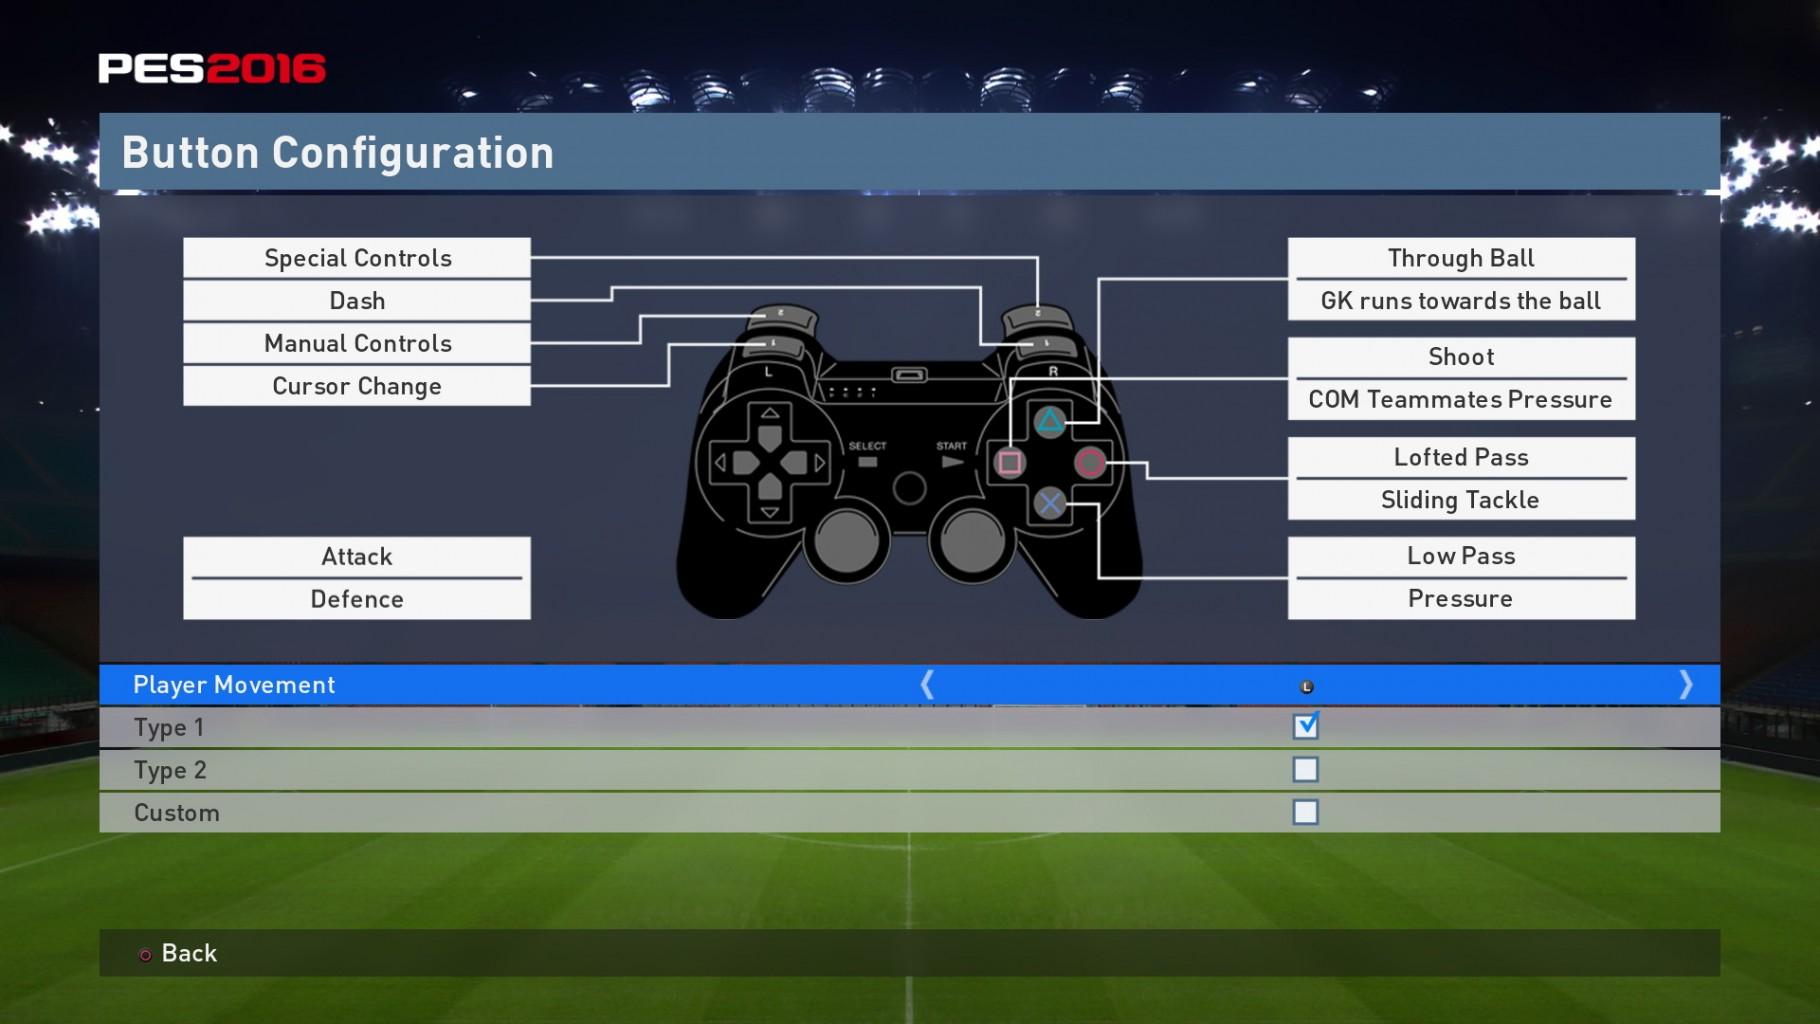 PES 2016 Joystick - Joypad